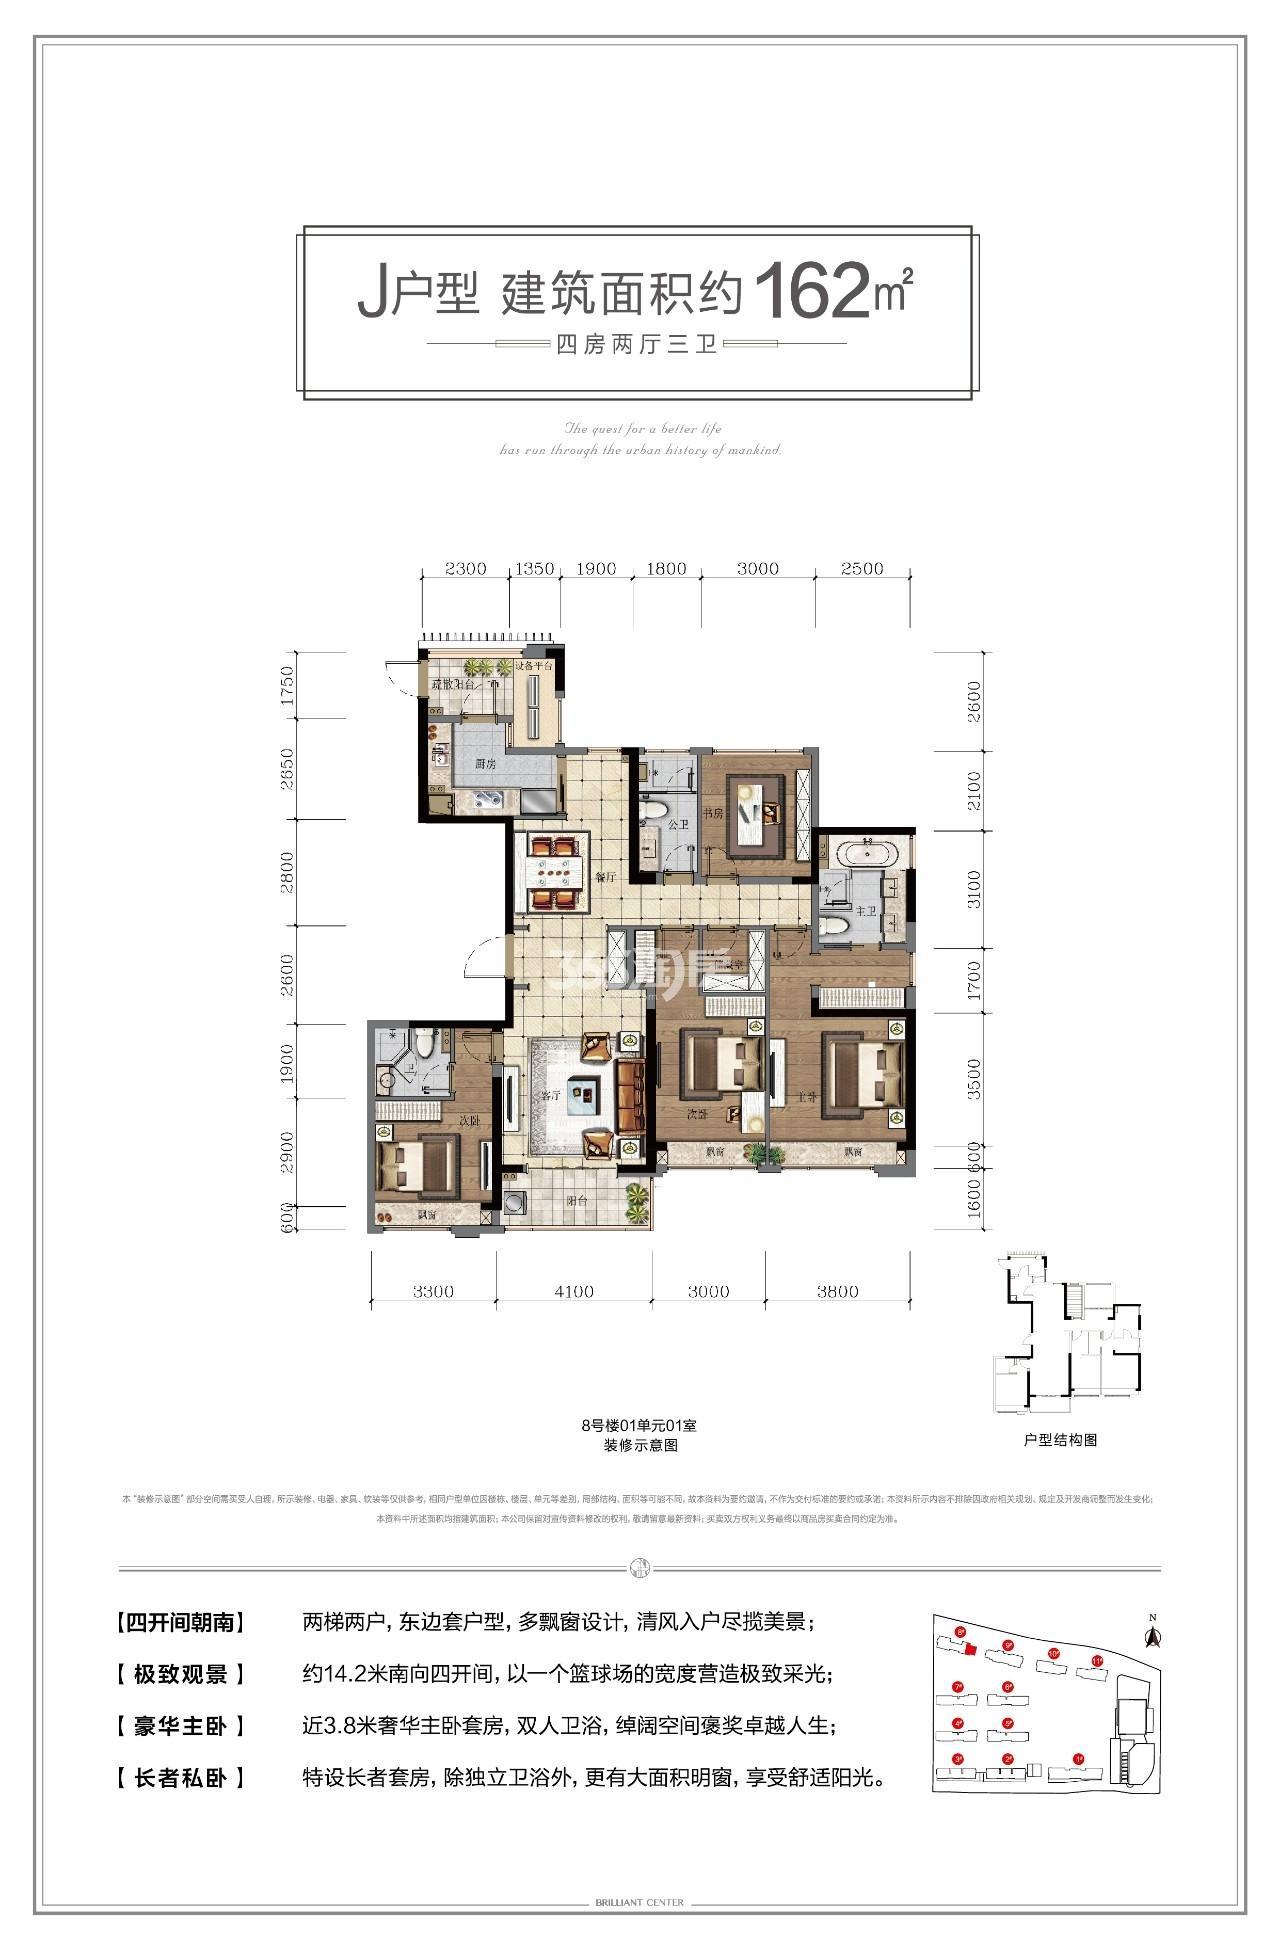 汇高栢悦中心高层8号楼J户型162方户型图